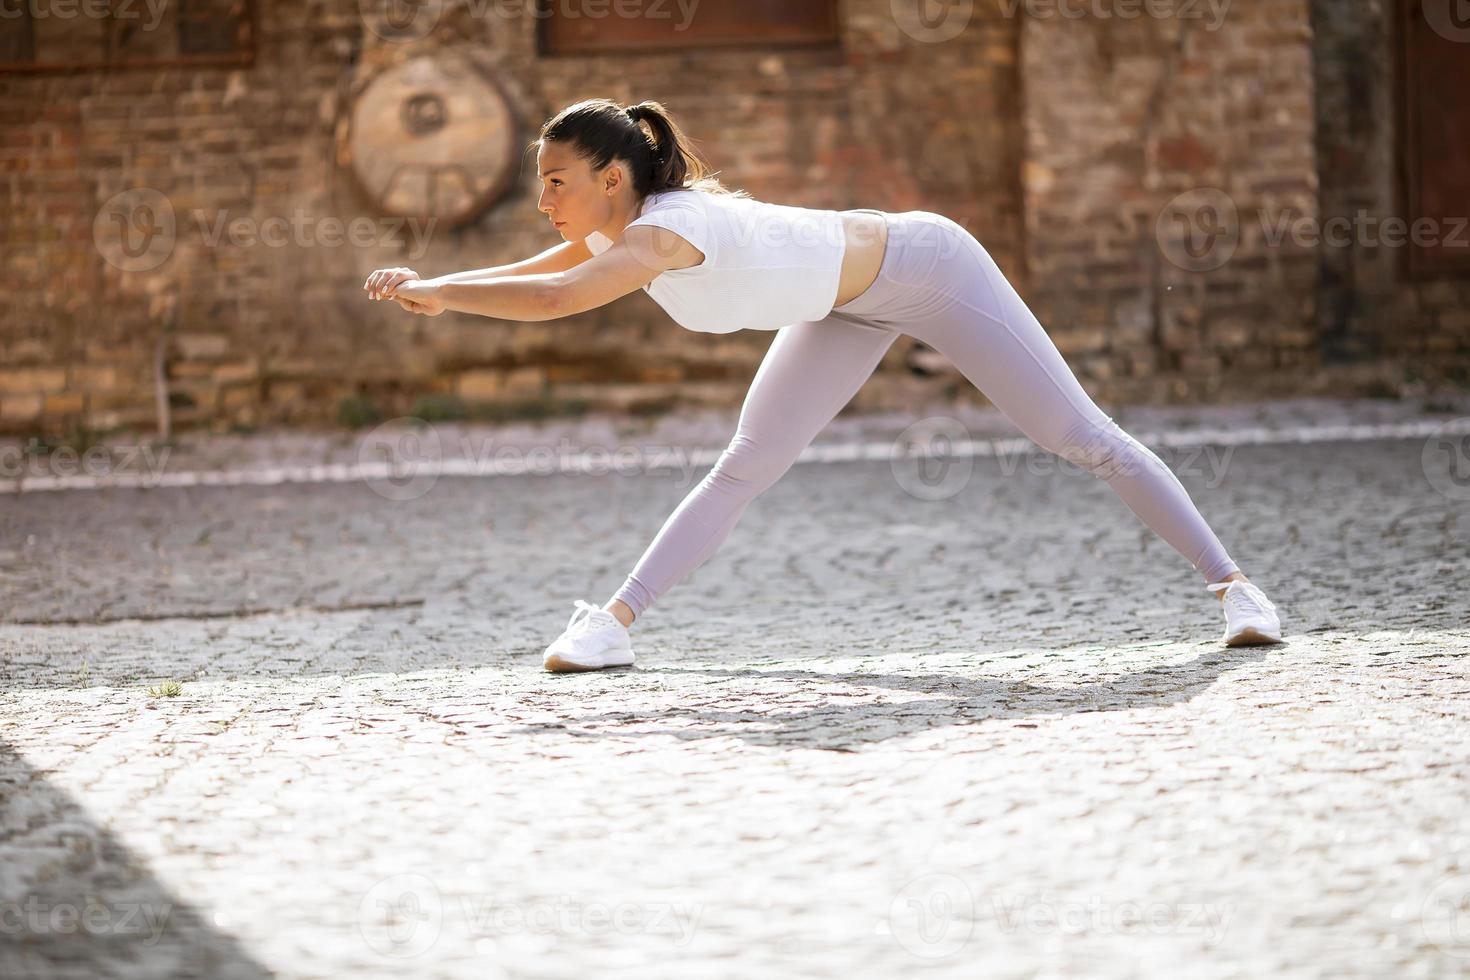 jeune femme qui s'étend pendant la formation en milieu urbain photo